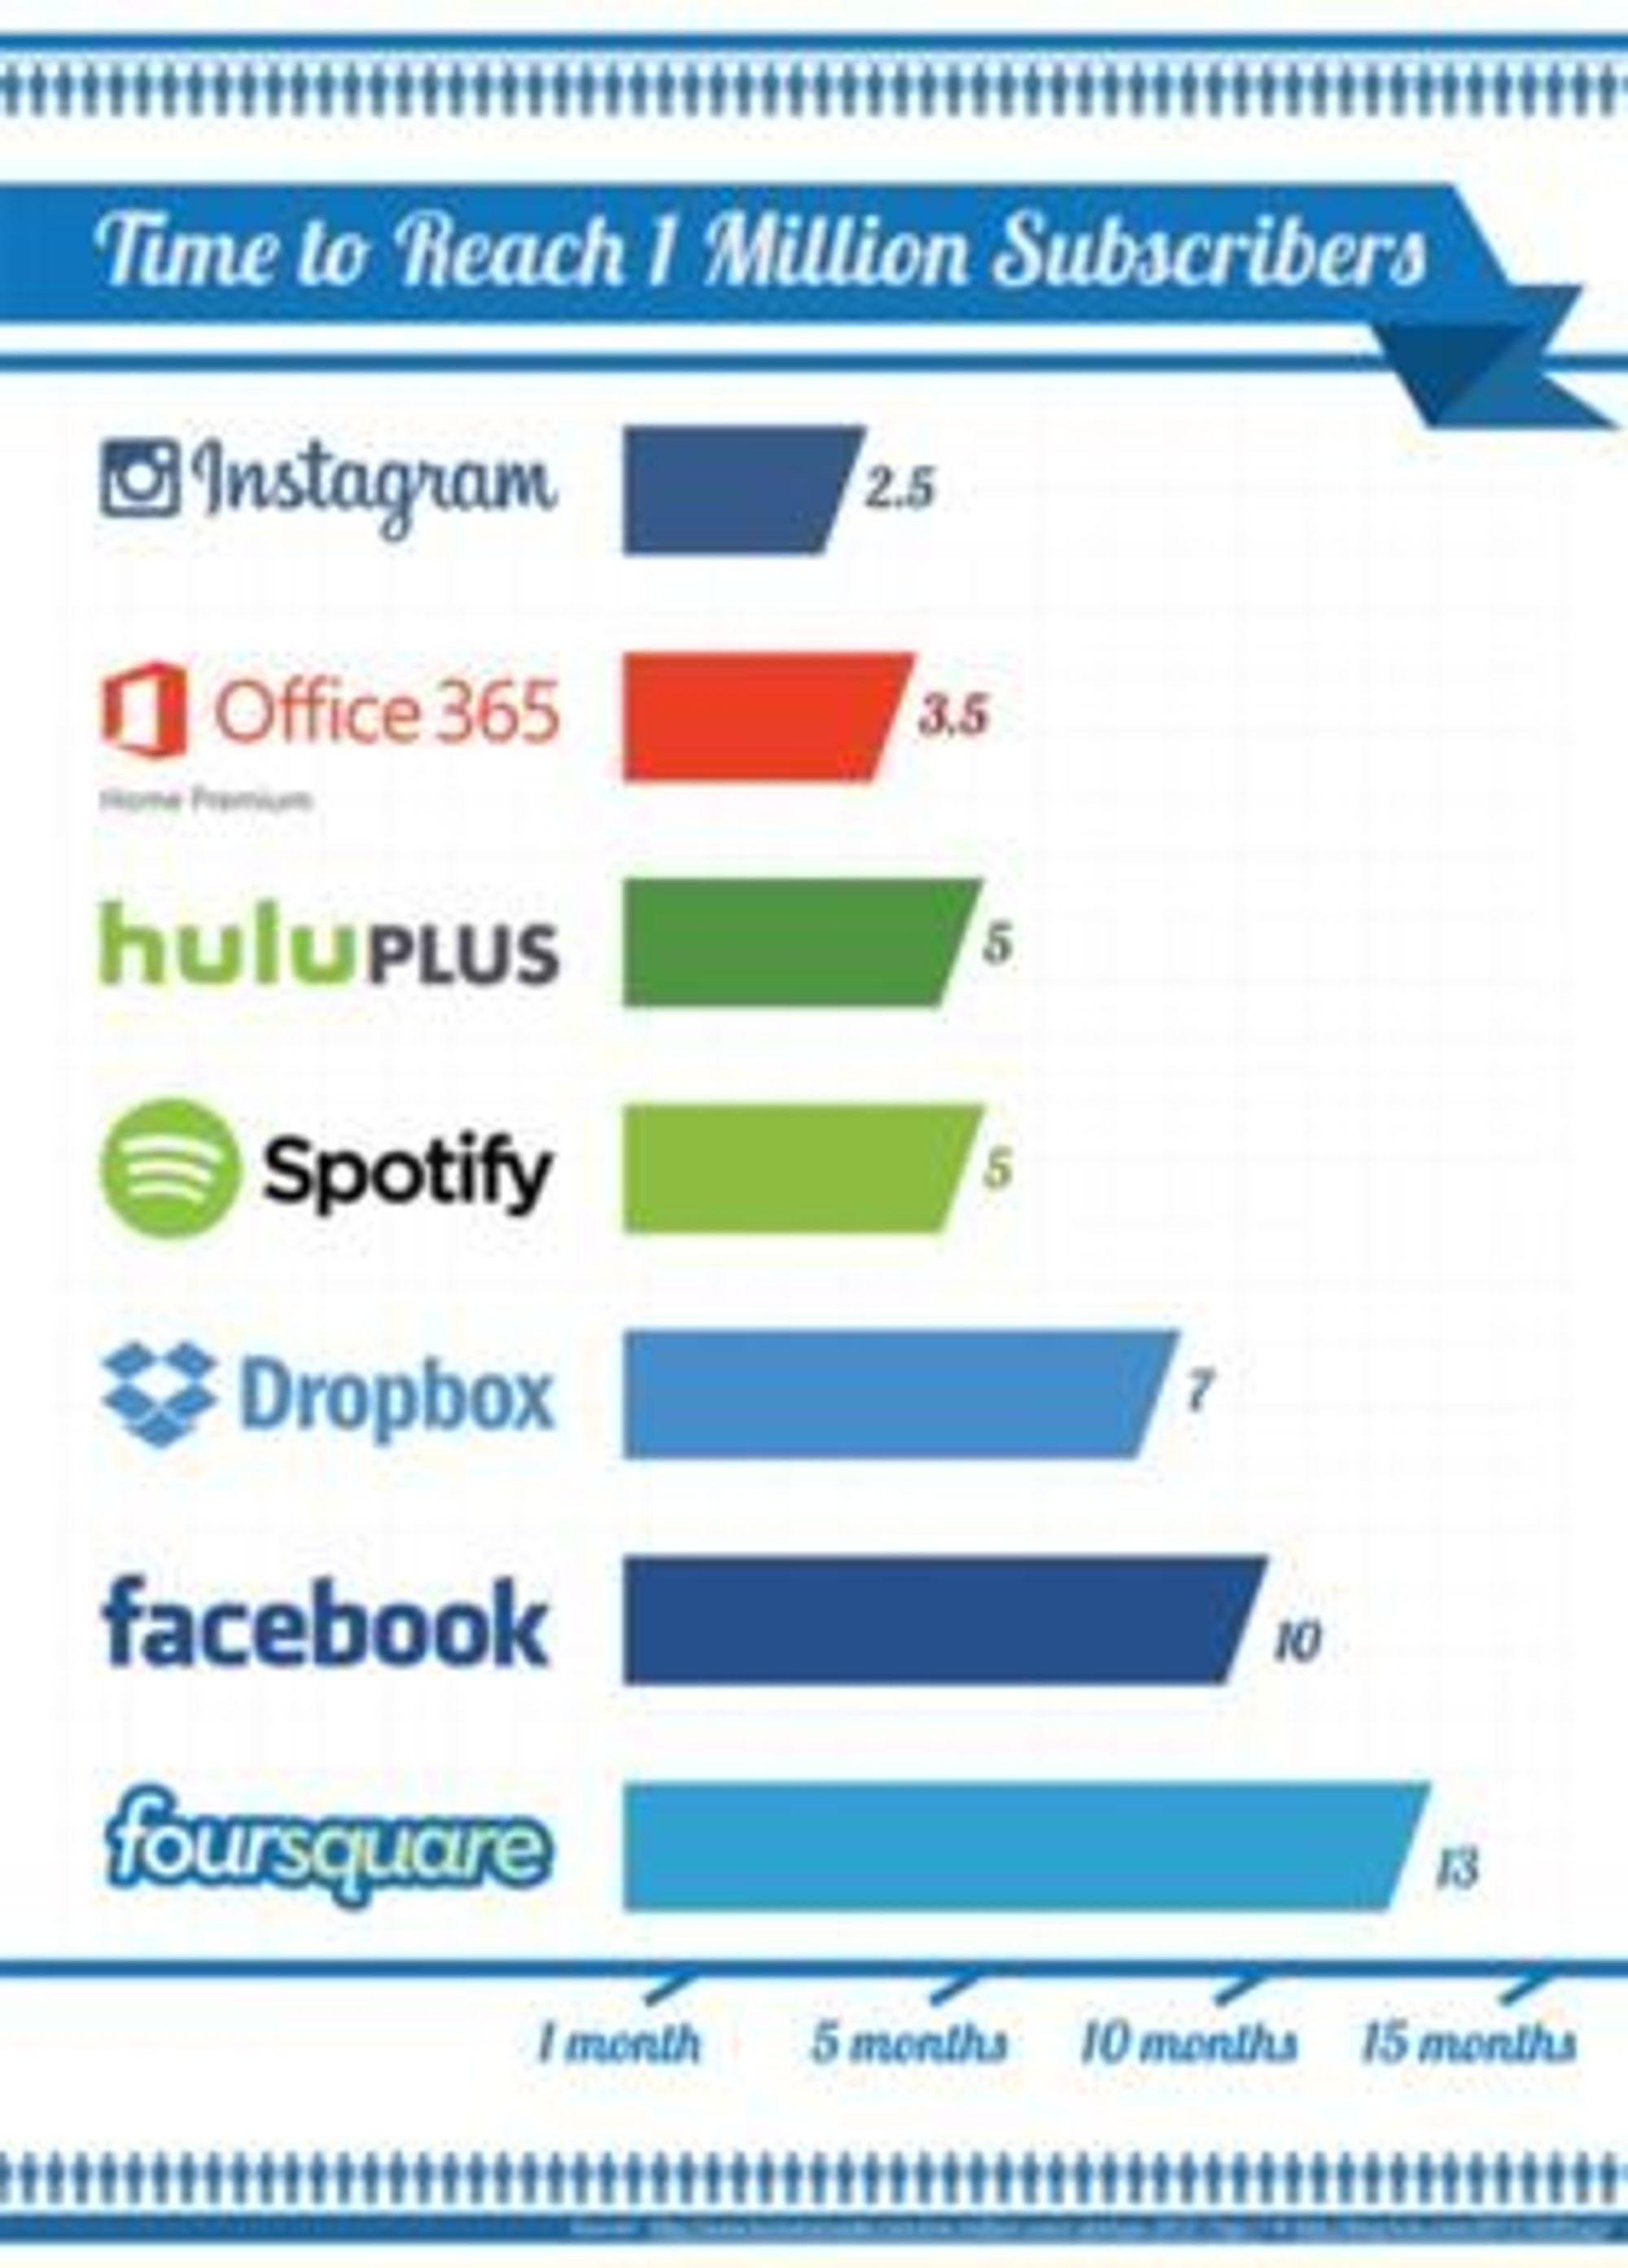 Tiden ulike tjenester har brukt på å nå 1 million brukere. Kildene er BusinessInsider, hulu.com og Microsoft.